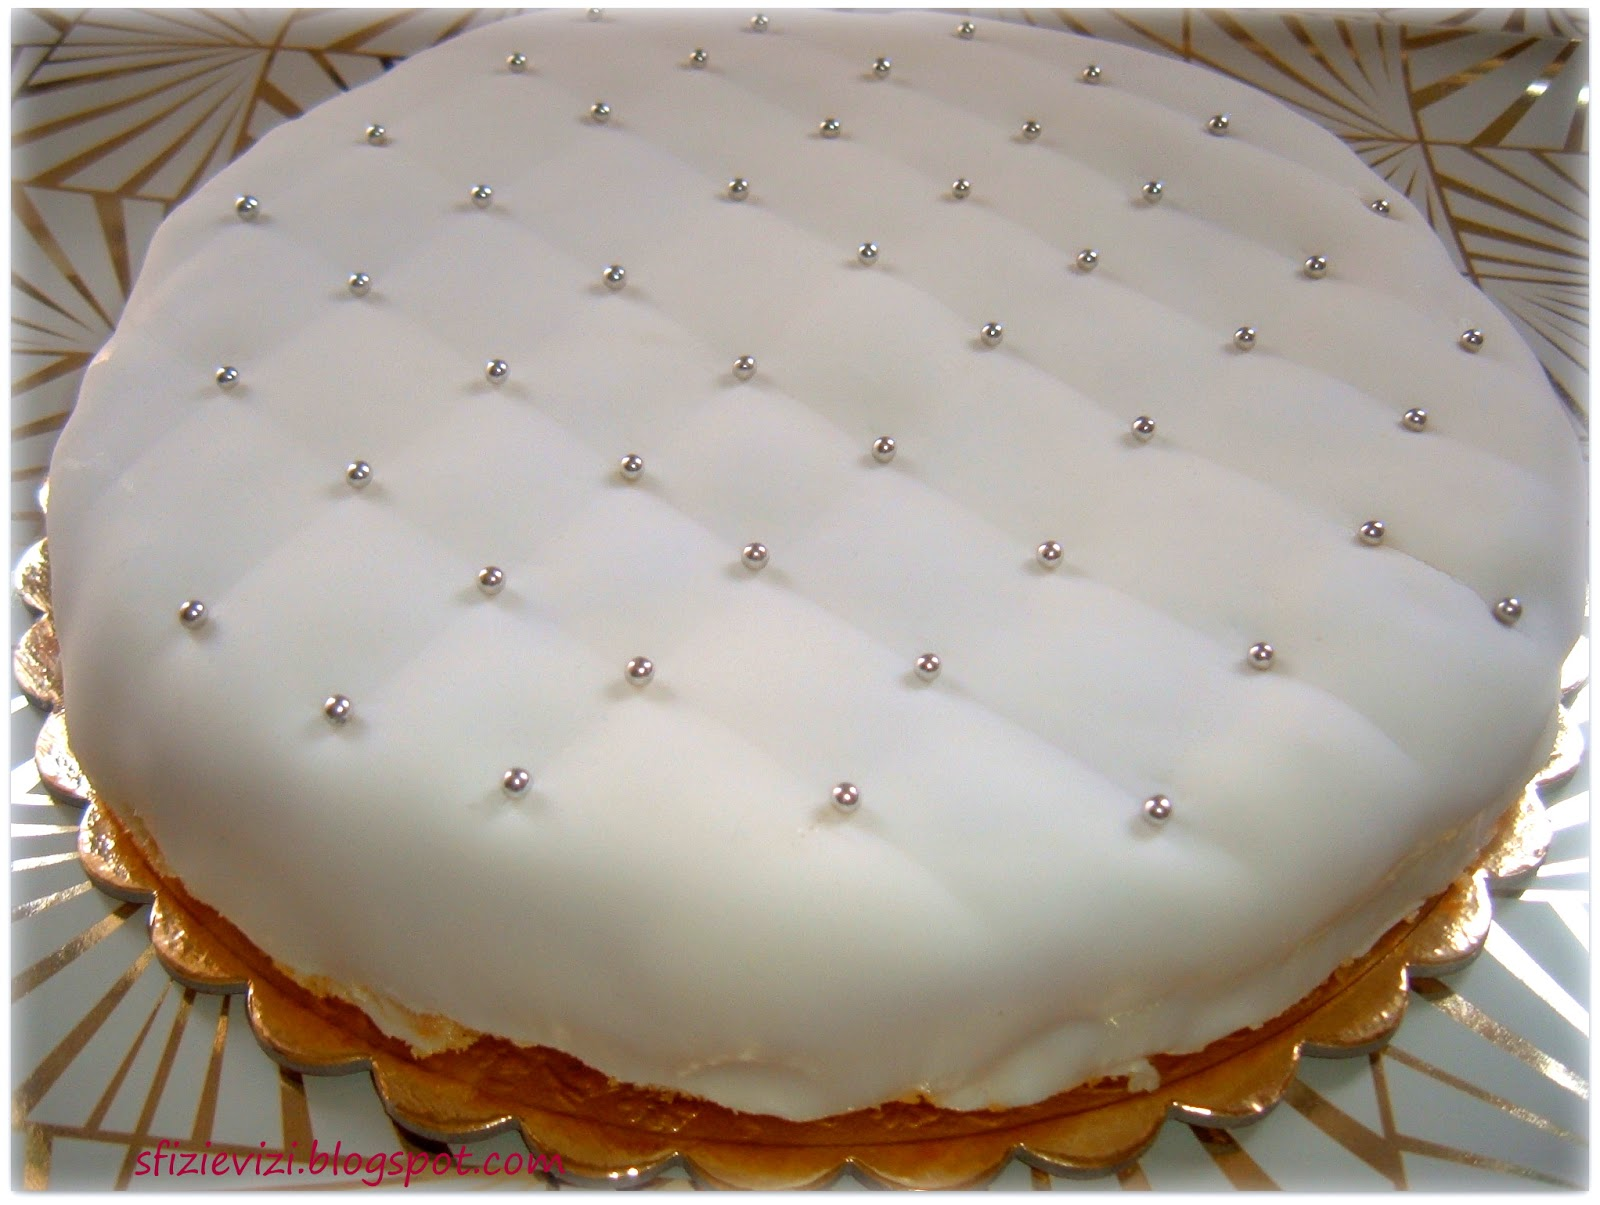 Favoloso Sfizi & Vizi: Torta di compleanno senza latte con pasta di zucchero AR22